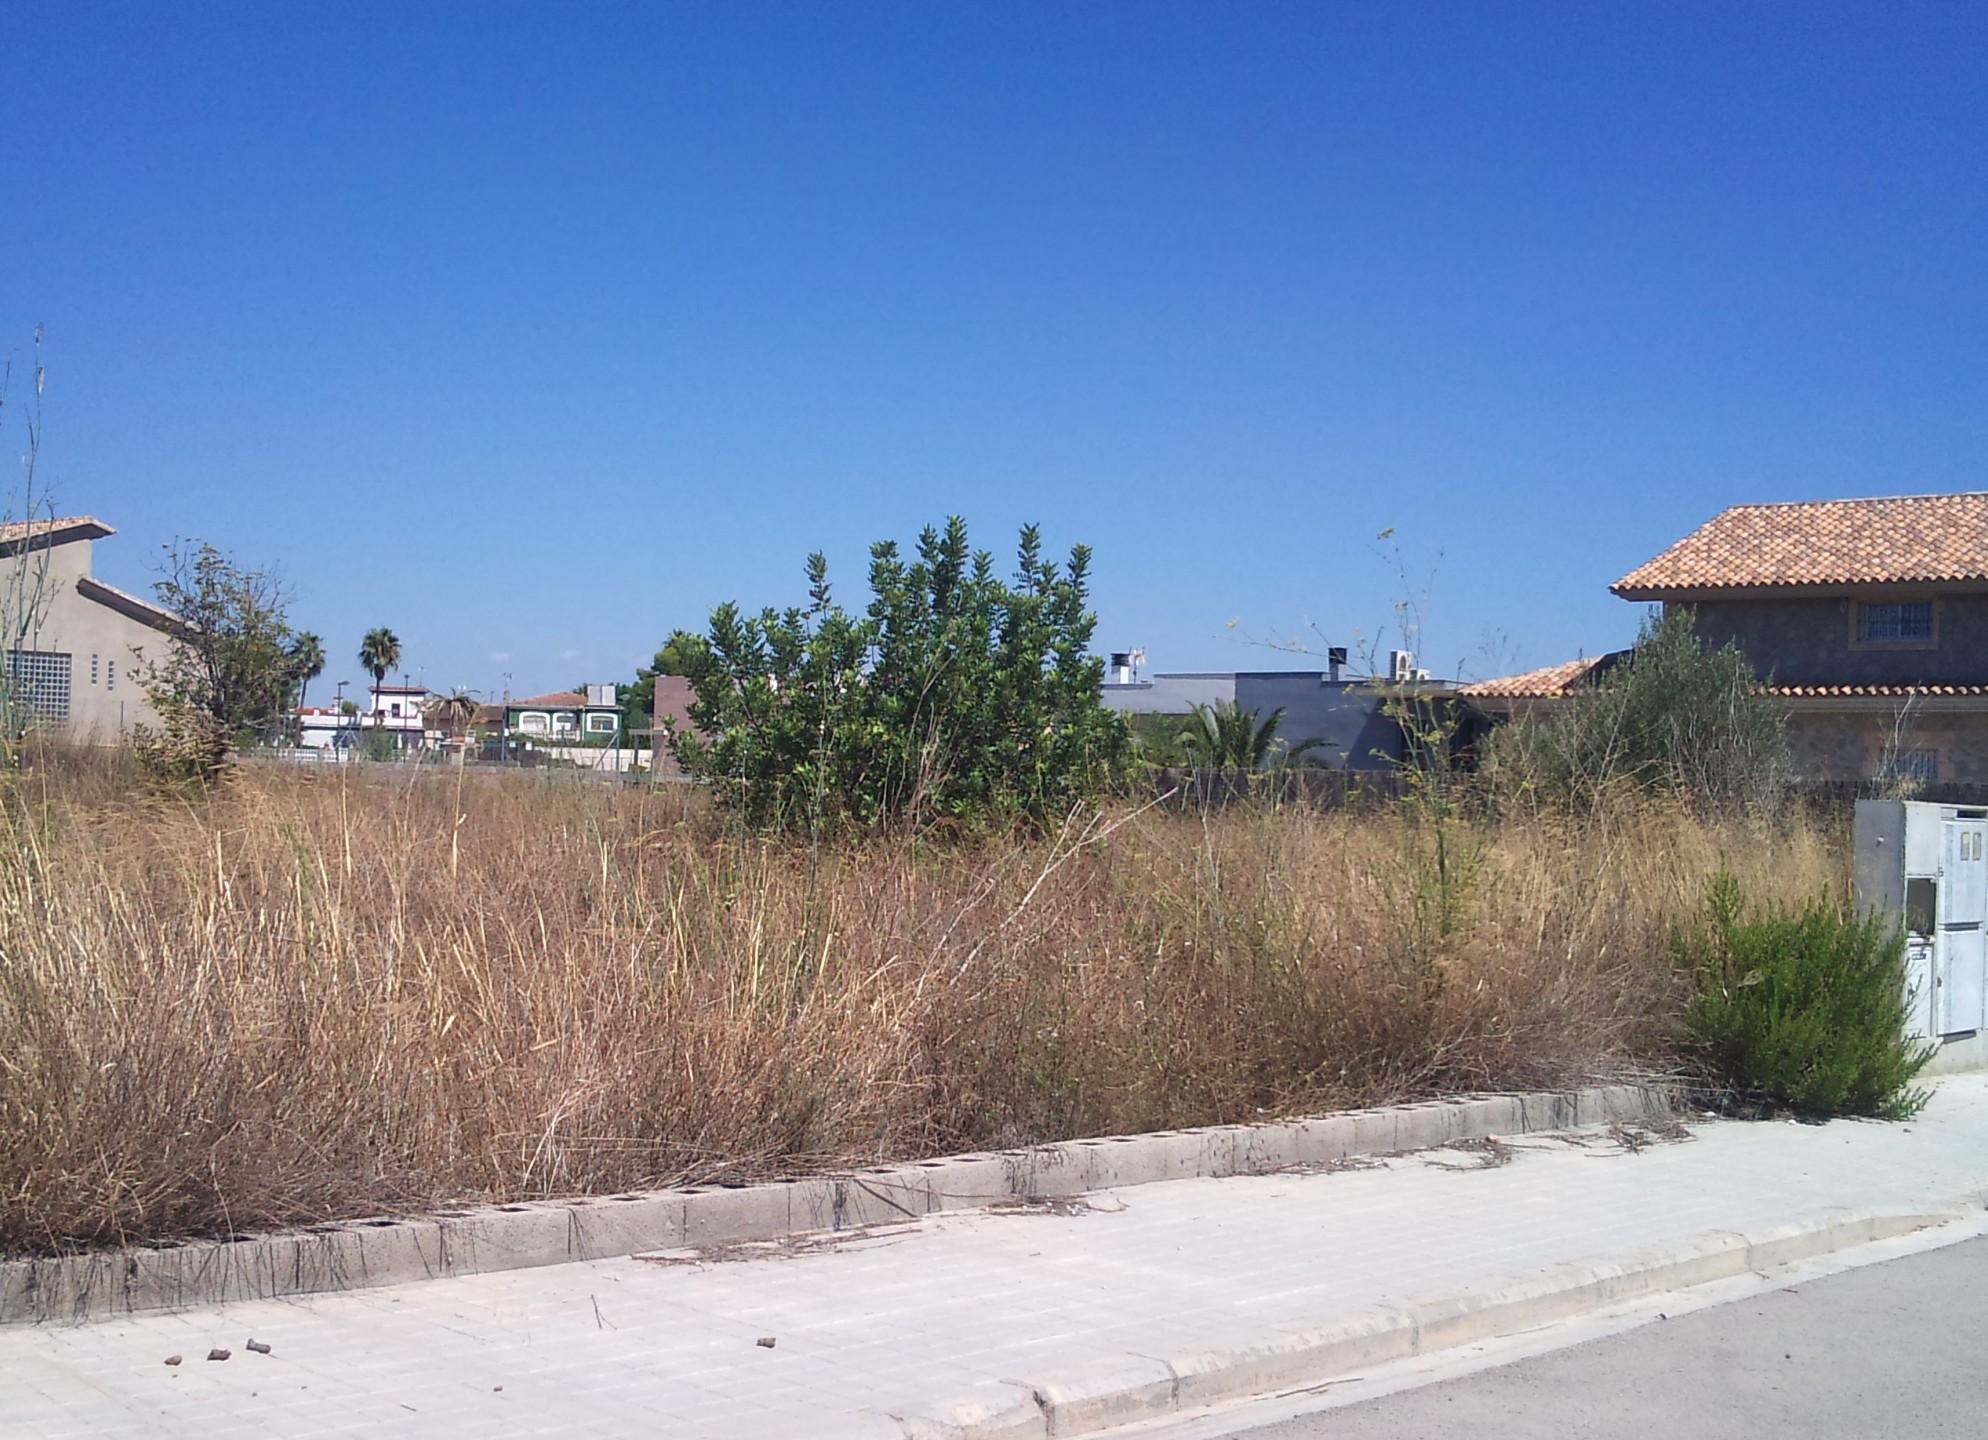 El 25% de los dueños de parcelas sucias en Riba-roja las limpia para evitar multas de hasta 3.000 euros que prevé la ordenanza.